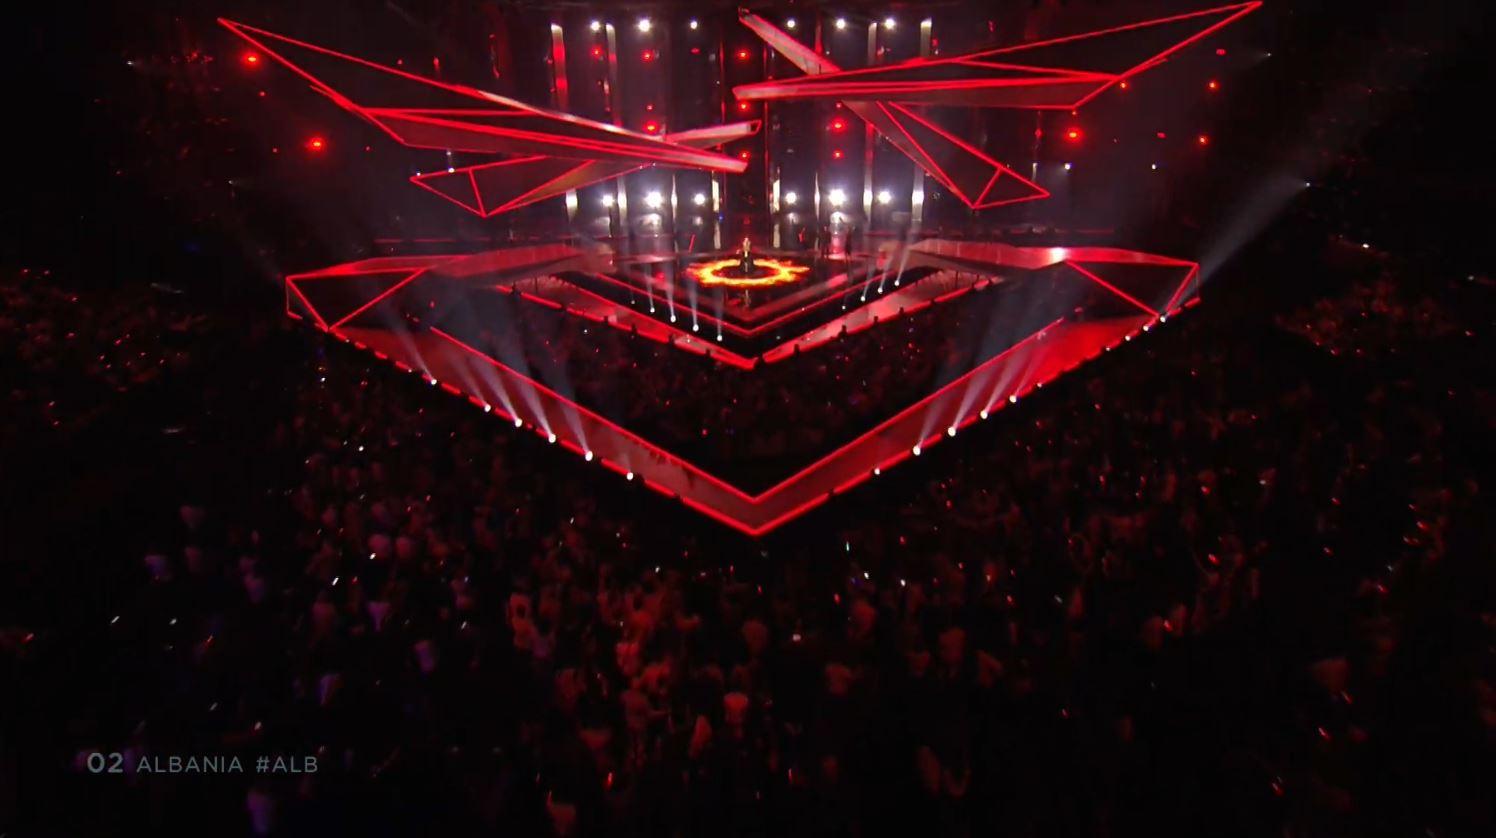 """""""Ktheju tokës"""", Jonida Maliqi performon mrekullisht në natën finale të Eurovision"""